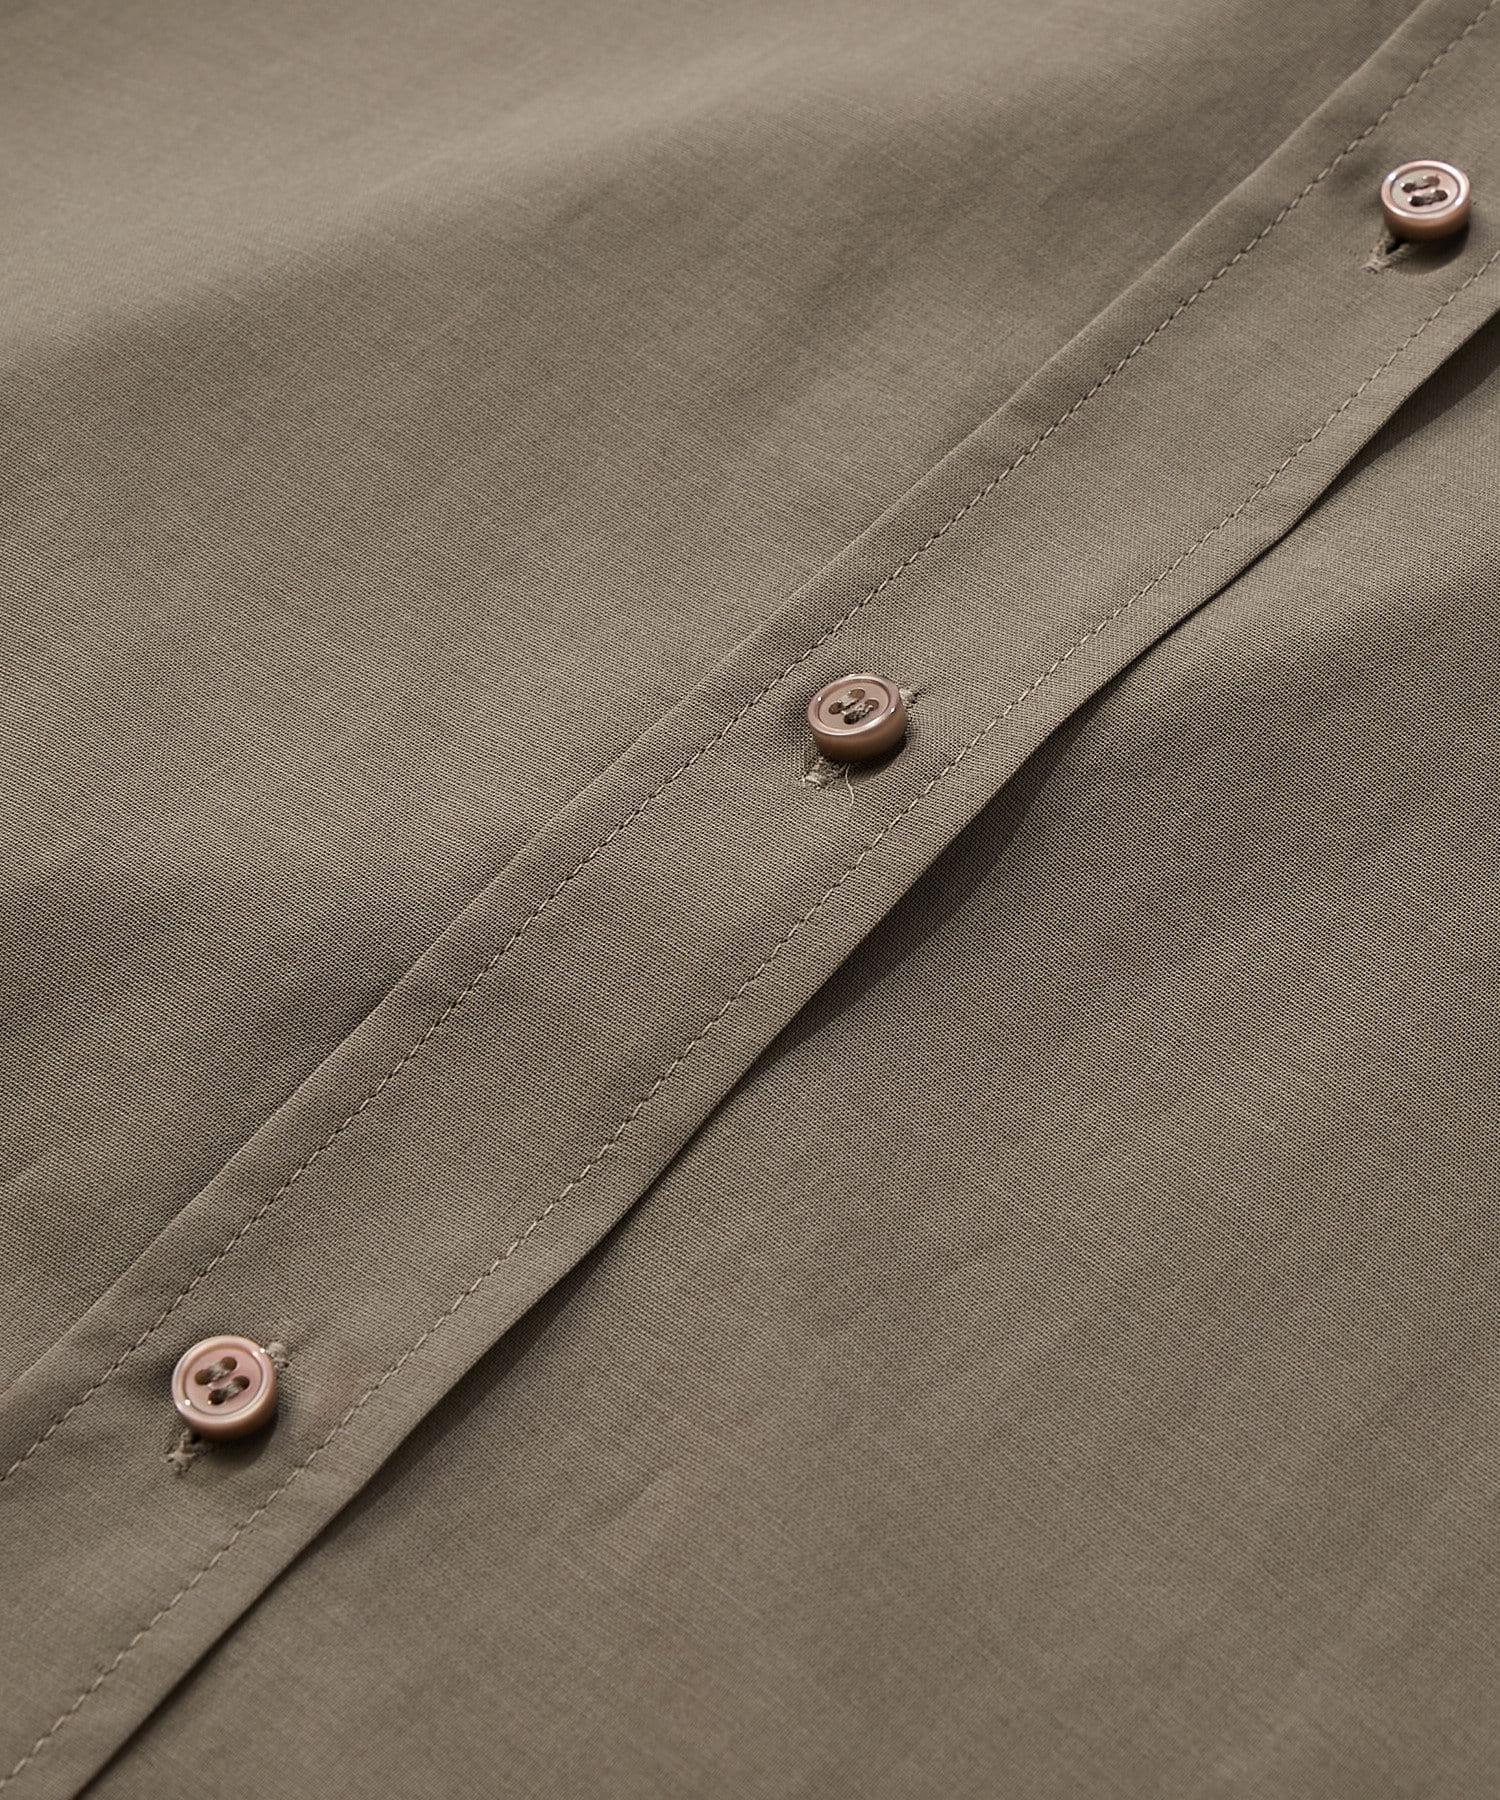 La boutique BonBon(ラブティックボンボン) 【手洗い可】コットンボイルロングシャツ